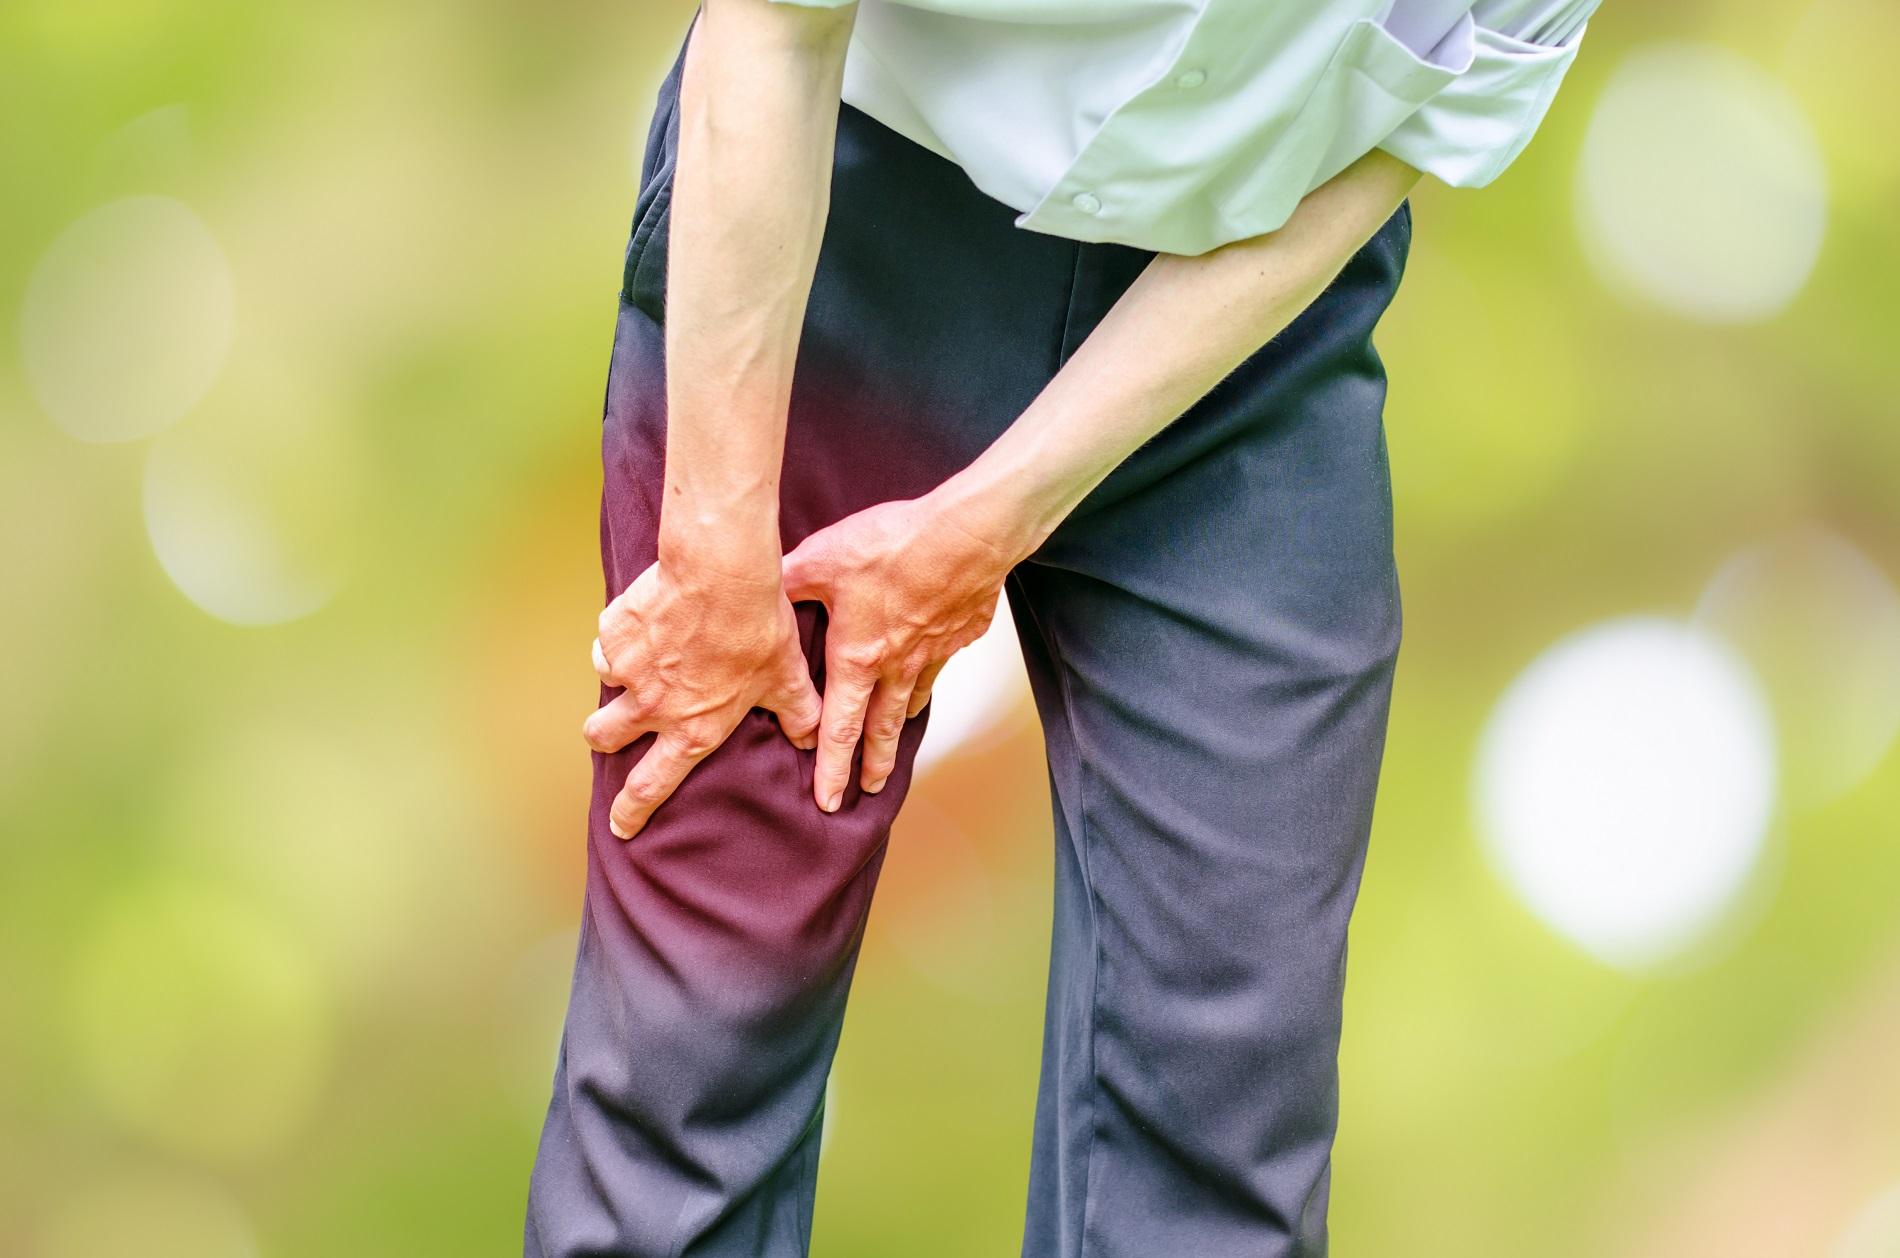 térdfájdalom ellen házilag ízületi fájdalom krém ízeltlábúak